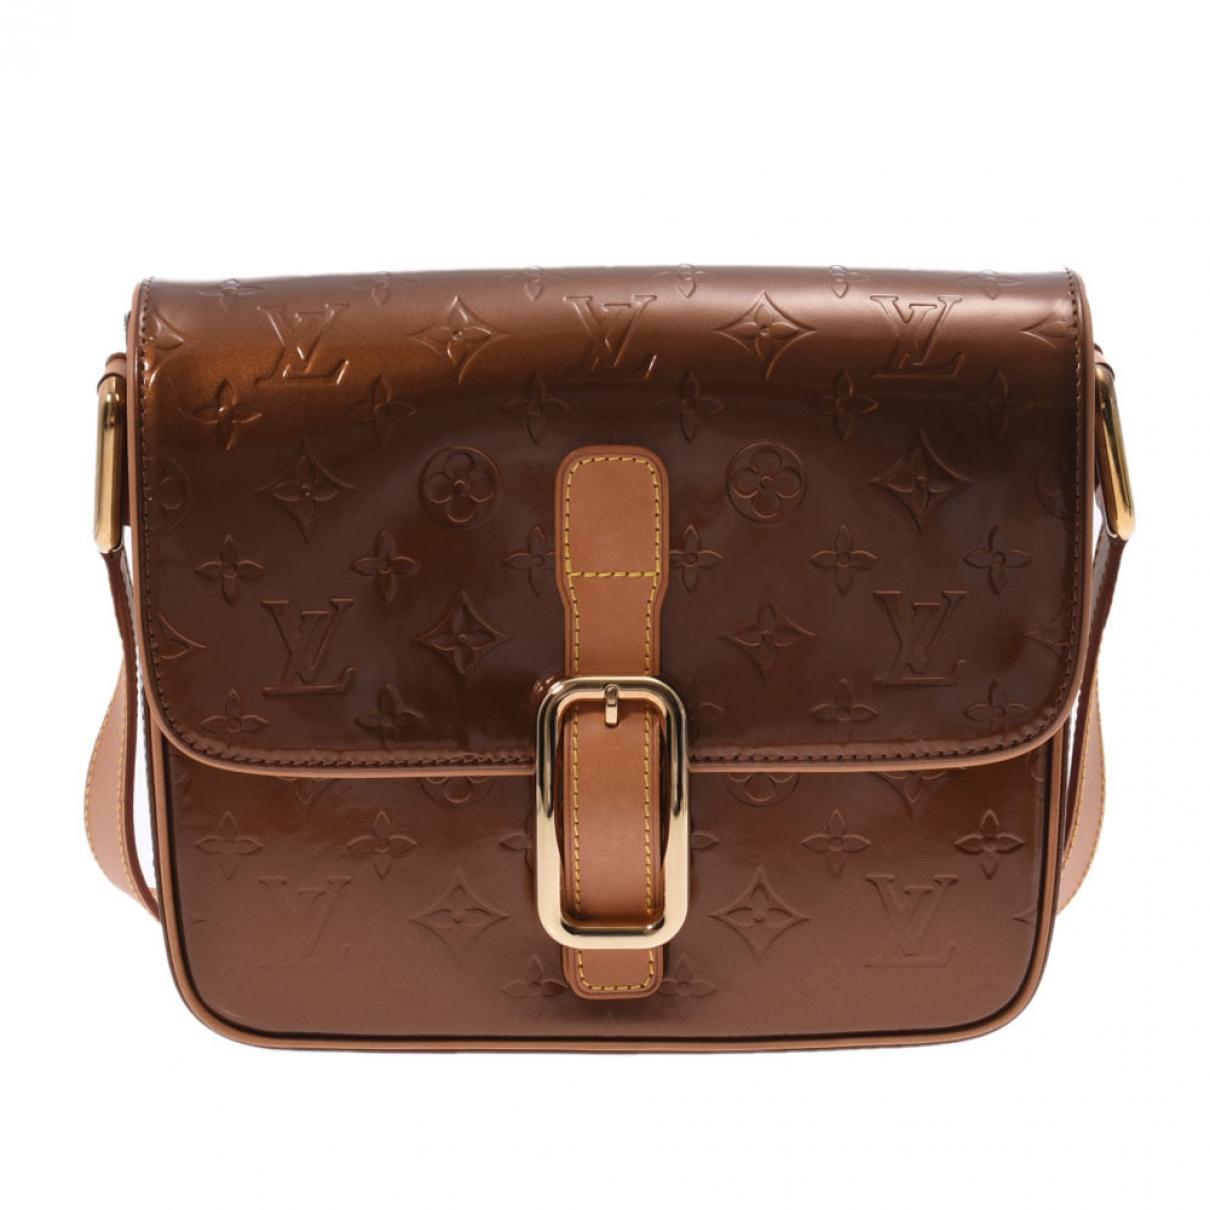 Louis Vuitton Christie Handtasche in  Braun Lackleder